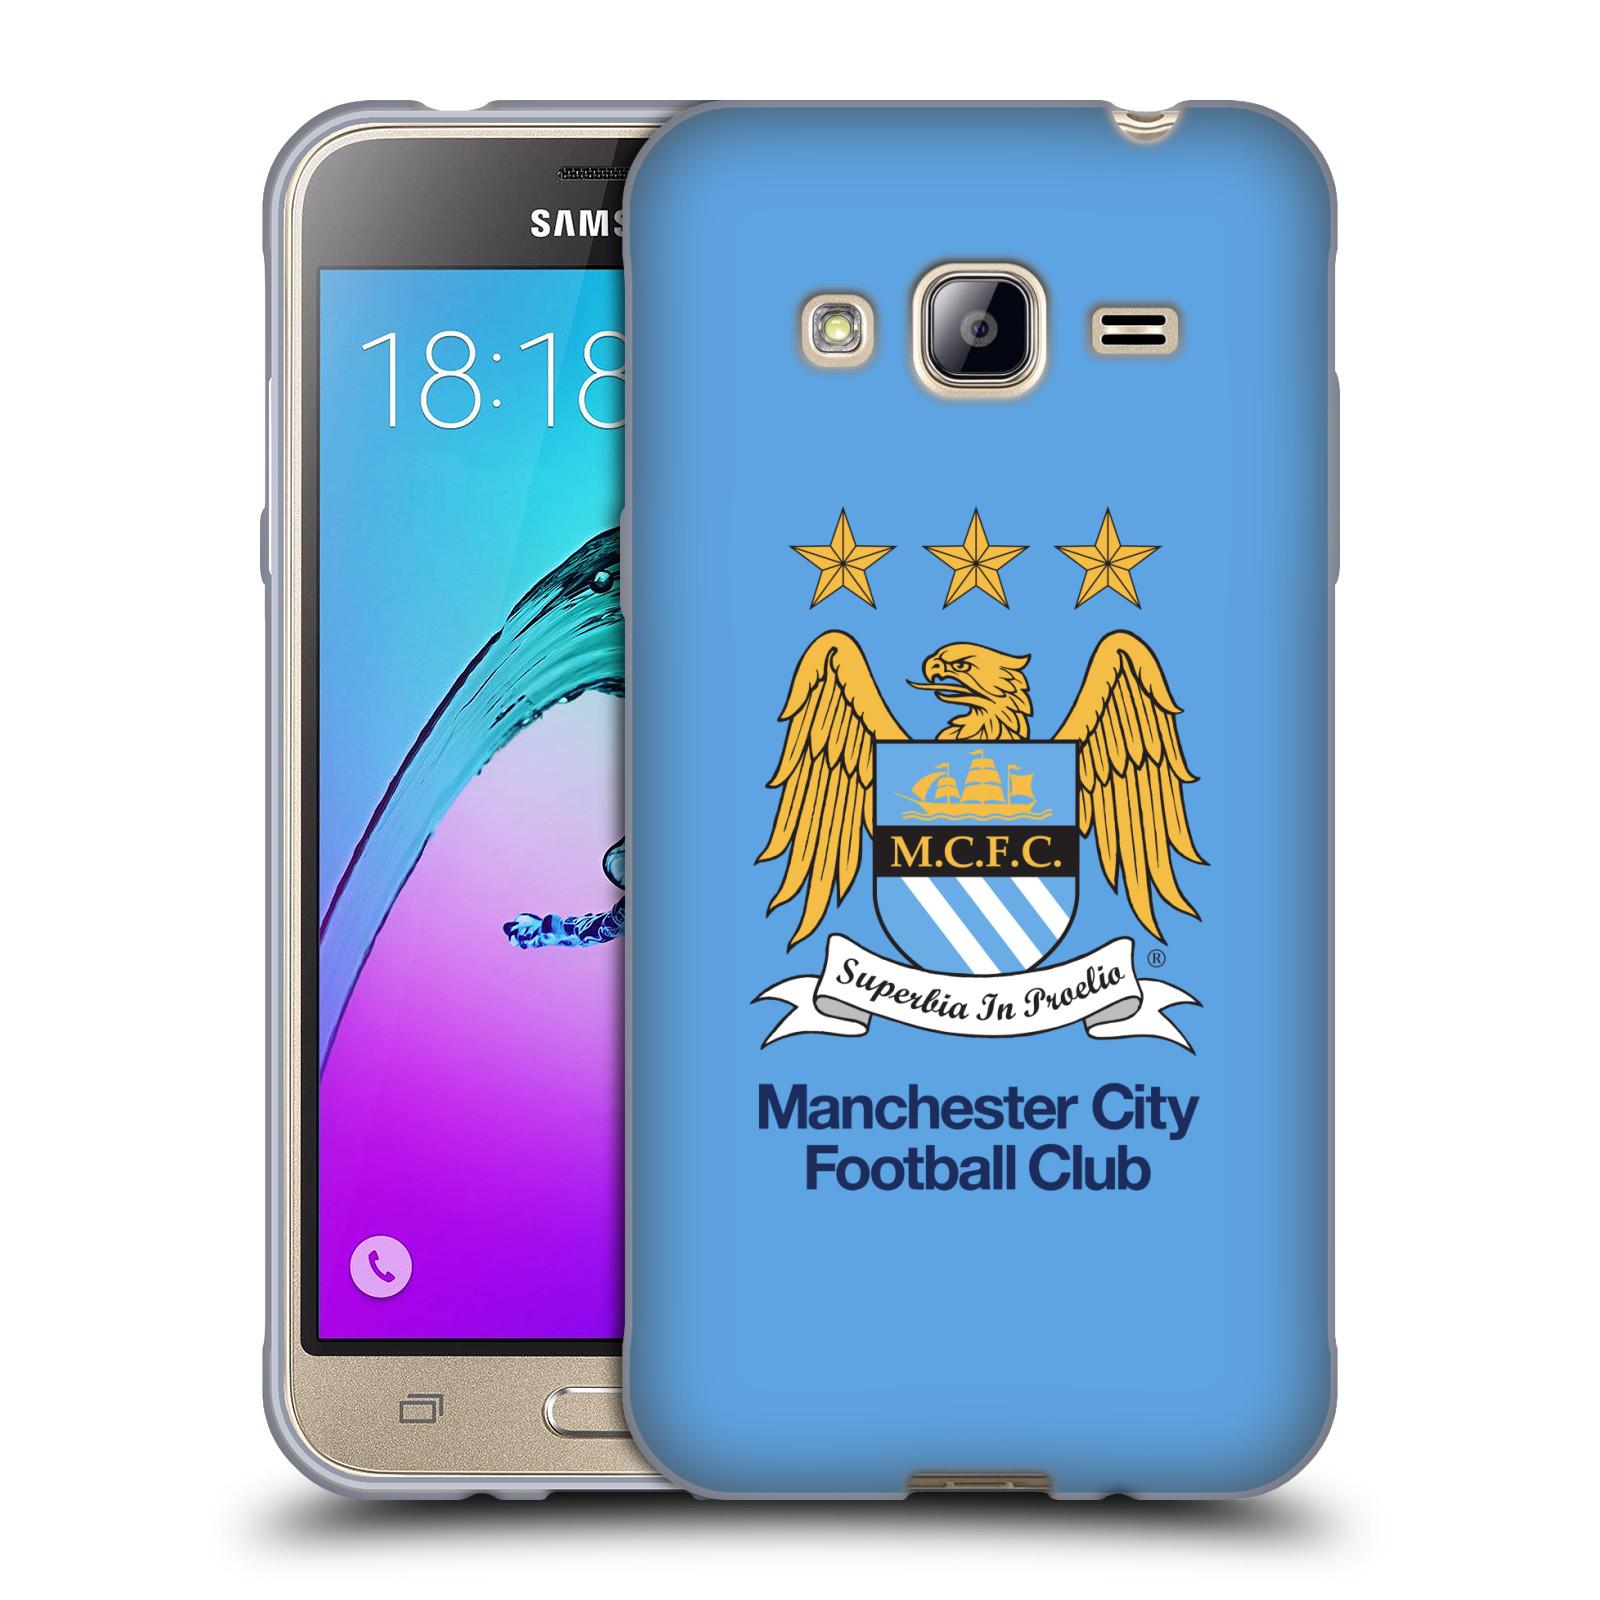 HEAD CASE silikonový obal na mobil Samsung Galaxy J3, J3 2016 Fotbalový klub Manchester City nebesky modrá pozadí velký znak pták